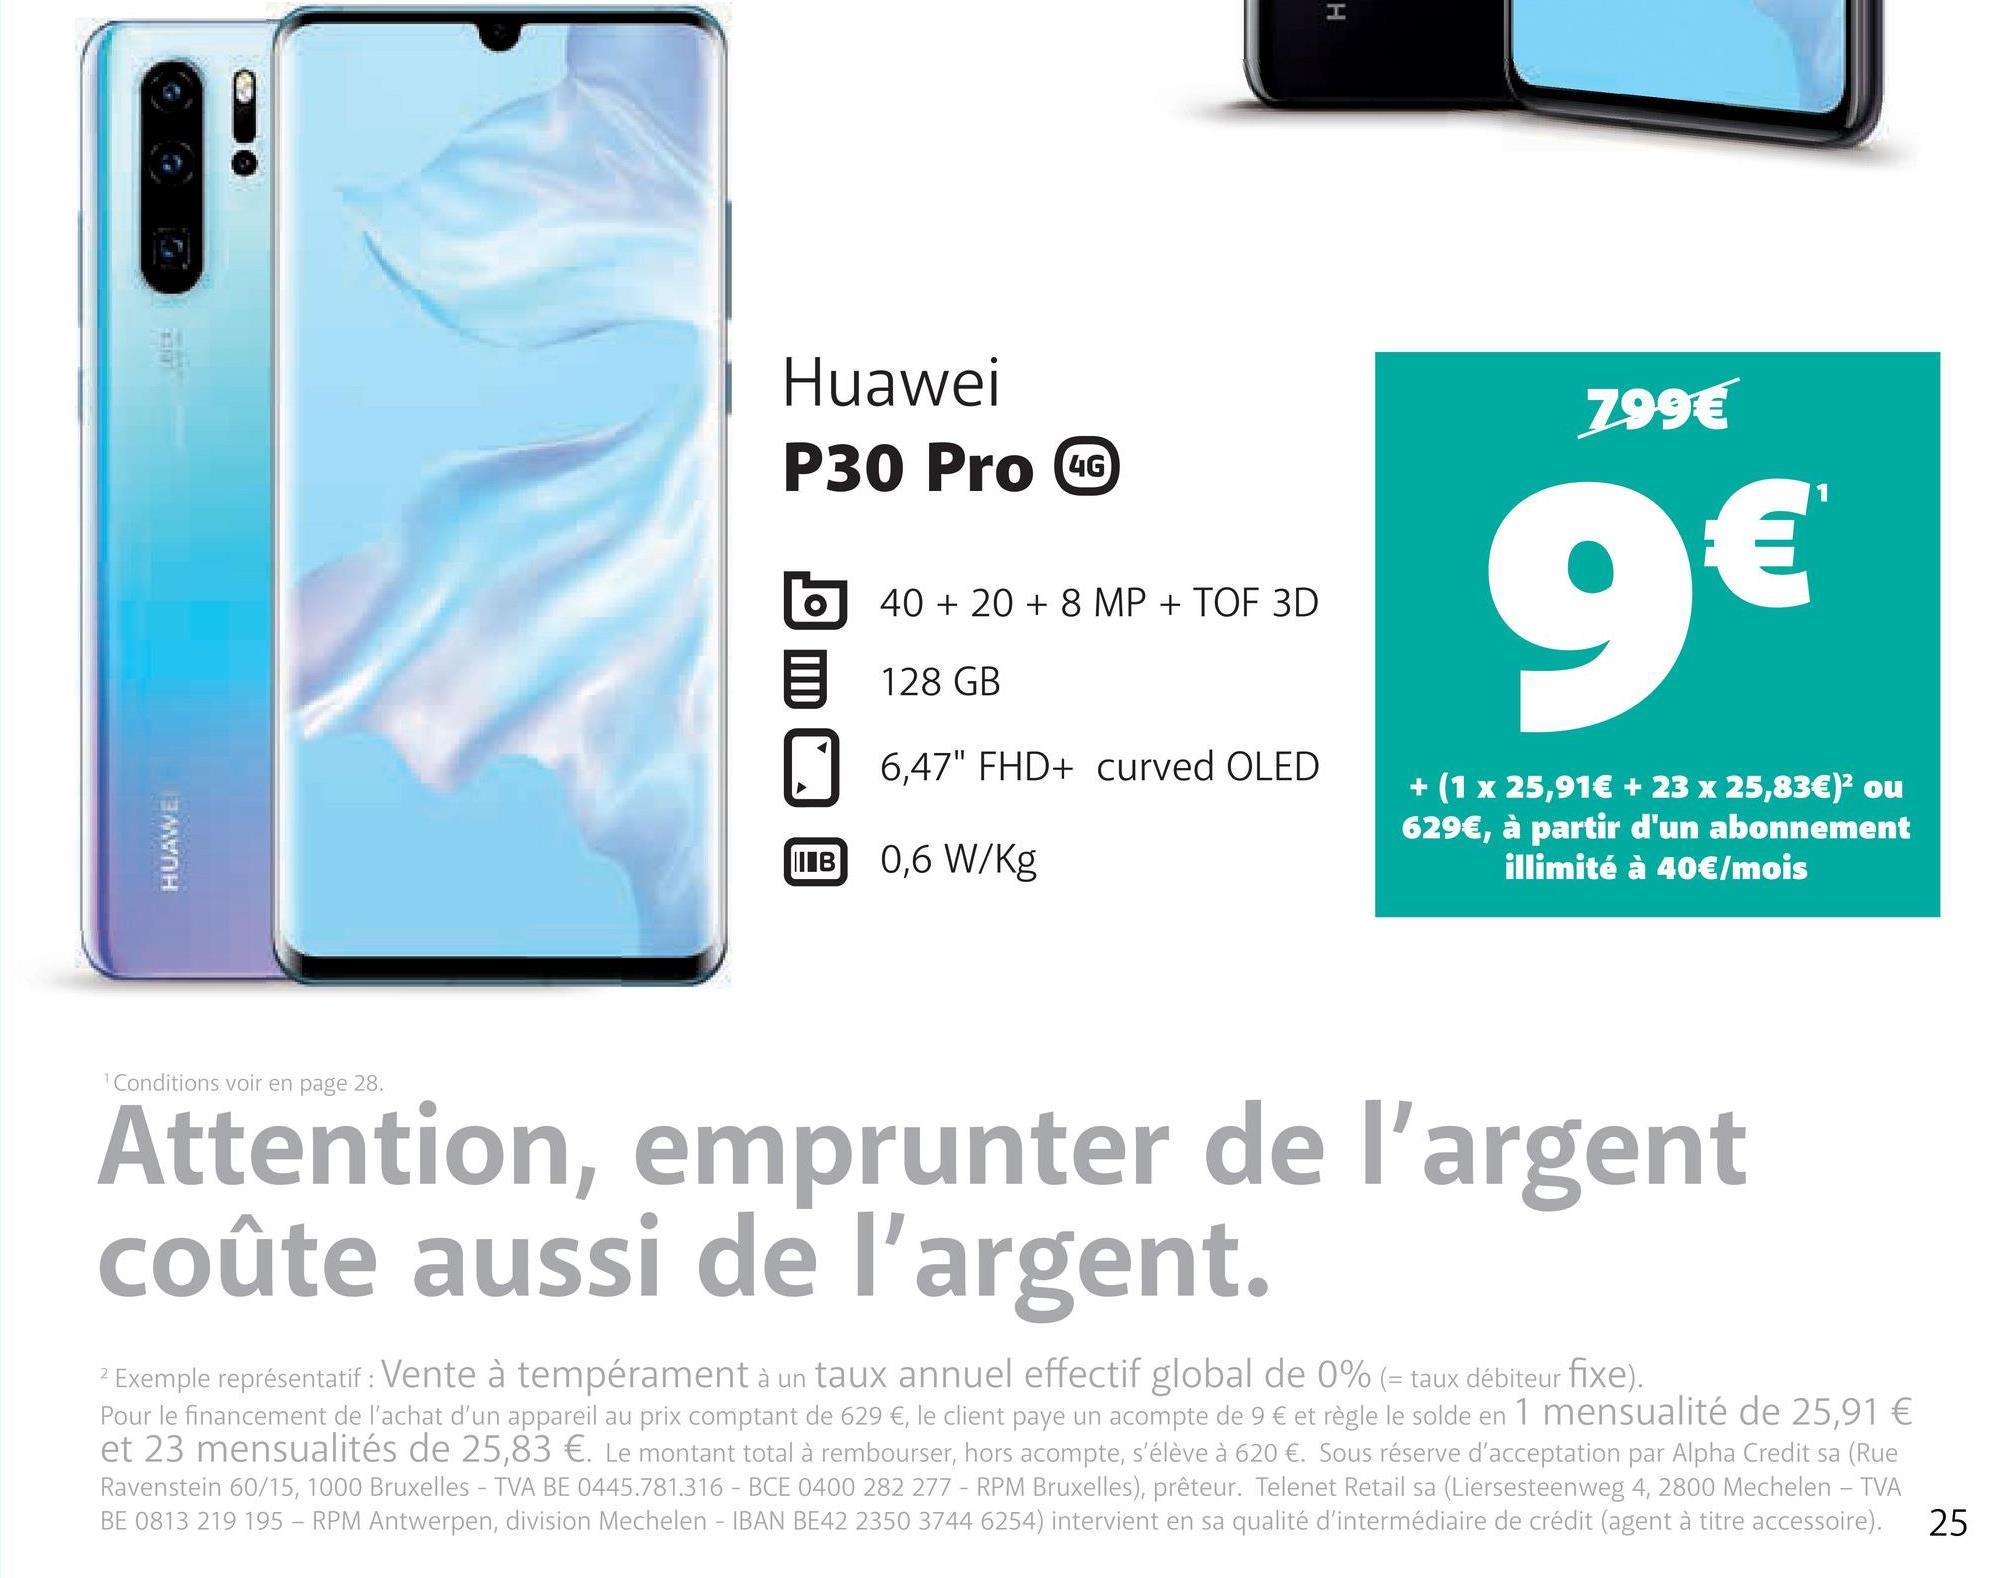 """H Huawei P30 Pro CC 299€ UG b 40 + 20 + 8 MP + TOF 3D 128 GB 6,47"""" FHD+ curved OLED 5 HUAWE + (1 x 25,91€ + 23 x 25,83€) ou 629€, à partir d'un abonnement illimité à 40€/mois LIB 0,6 W/kg Conditions voir en page 28. Attention, emprunter de l'argent coûte aussi de l'argent. 2 Exemple représentatif : Vente à tempérament à un taux annuel effectif global de 0% (= taux débiteur fixe). Pour le financement de l'achat d'un appareil au prix comptant de 629 €, le client payé un acompte de 9 € et règle le solde en 1 mensualité de 25,91 € et 23 mensualités de 25,83 €. Le montant total à rembourser, hors acompte, s'élève à 620 €. Sous réserve d'acceptation par Alpha Credit sa (Rue Ravenstein 60/15, 1000 Bruxelles - TVA BE 0445.781.316 - BCE 0400 282 277 - RPM Bruxelles), prêteur. Telenet Retail sa (Liersesteenweg 4, 2800 Mechelen - TVA BE 0813 219 195 - RPM Antwerpen, division Mechelen - IBAN BE42 2350 3744 6254) intervient en sa qualité d'intermédiaire de crédit (agent à titre accessoire). 25"""